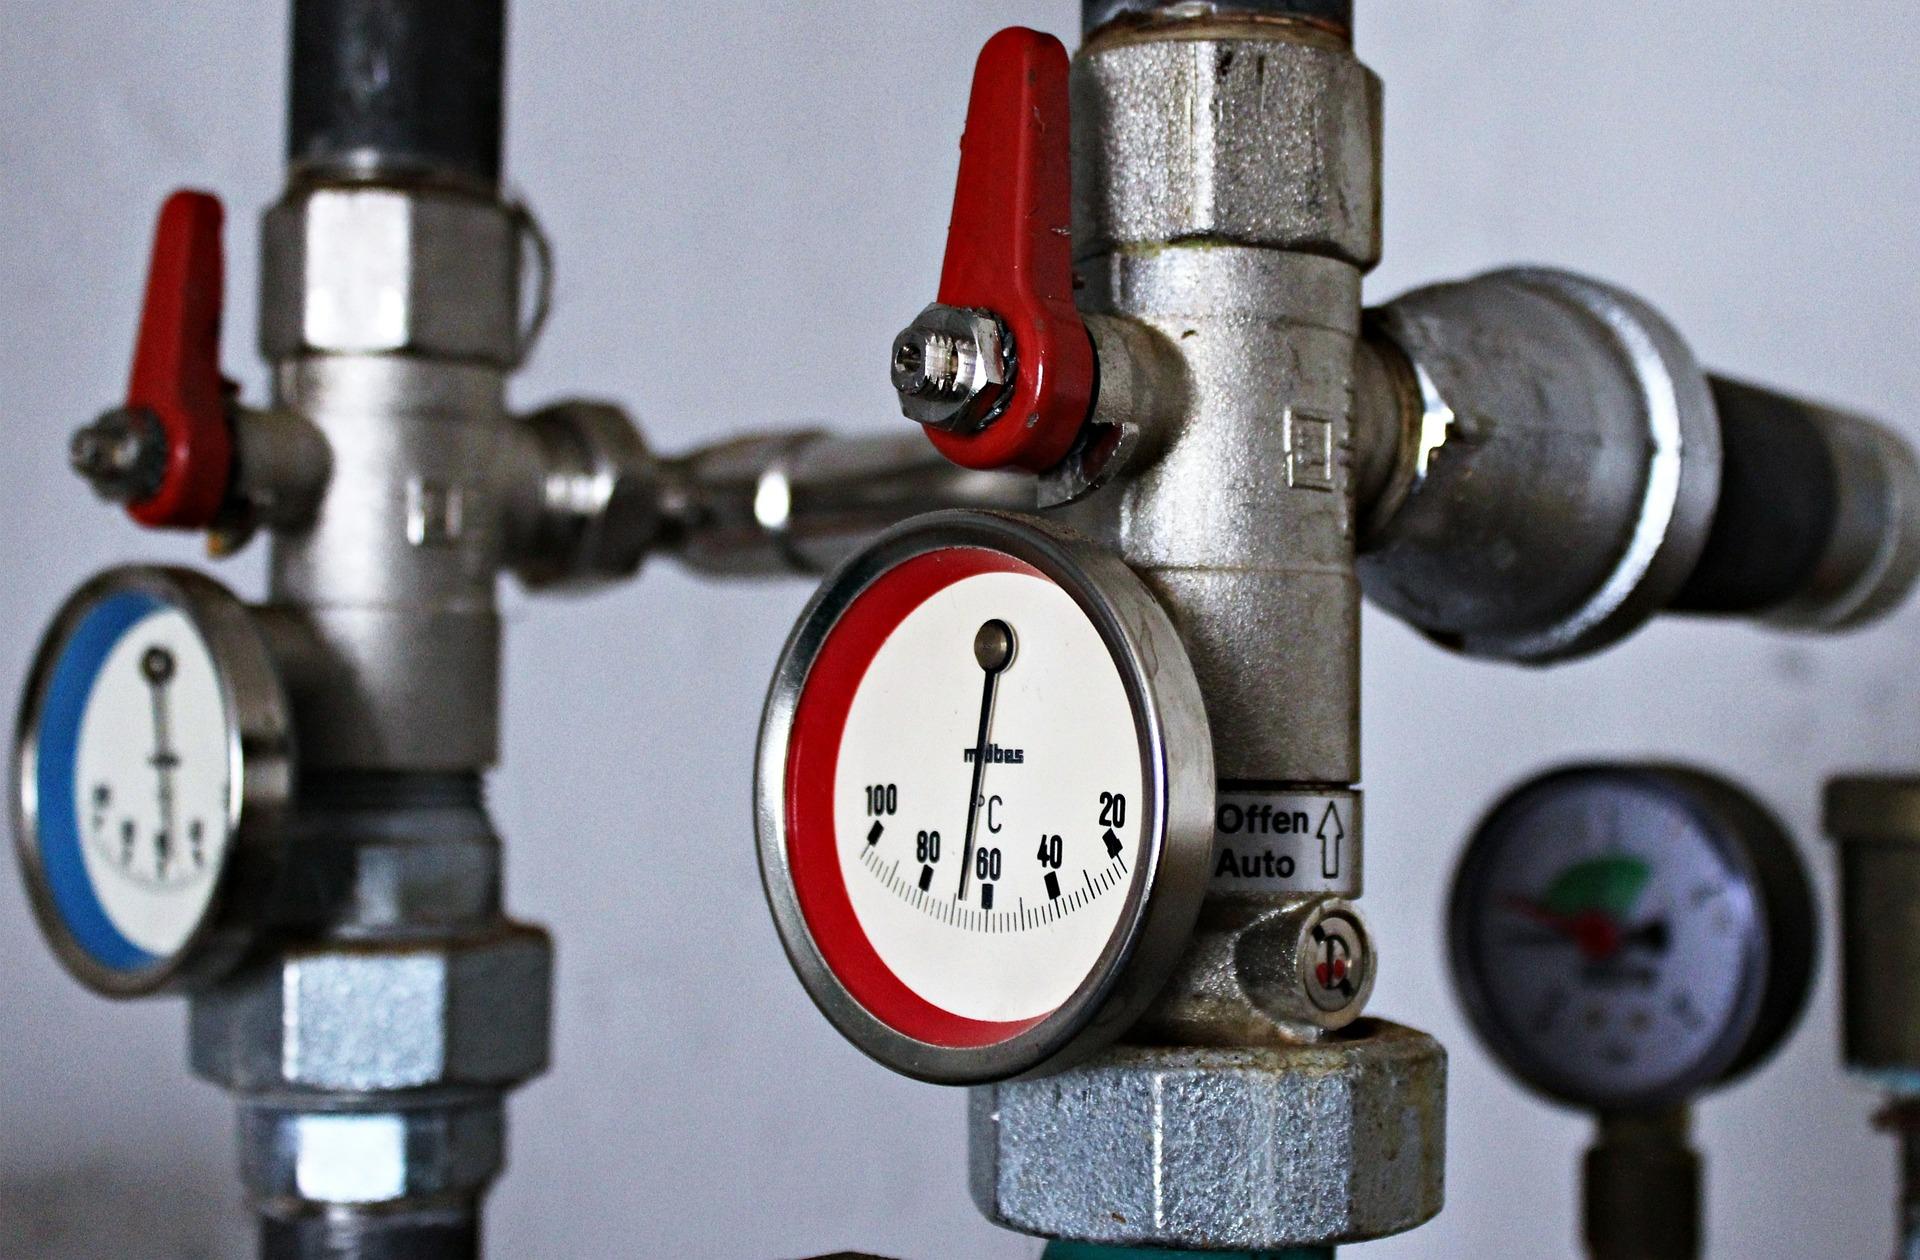 Convegno <br>«La contabilizzazione del calore e la termoregolazione nel condominio in pratica dalla A alla Z».